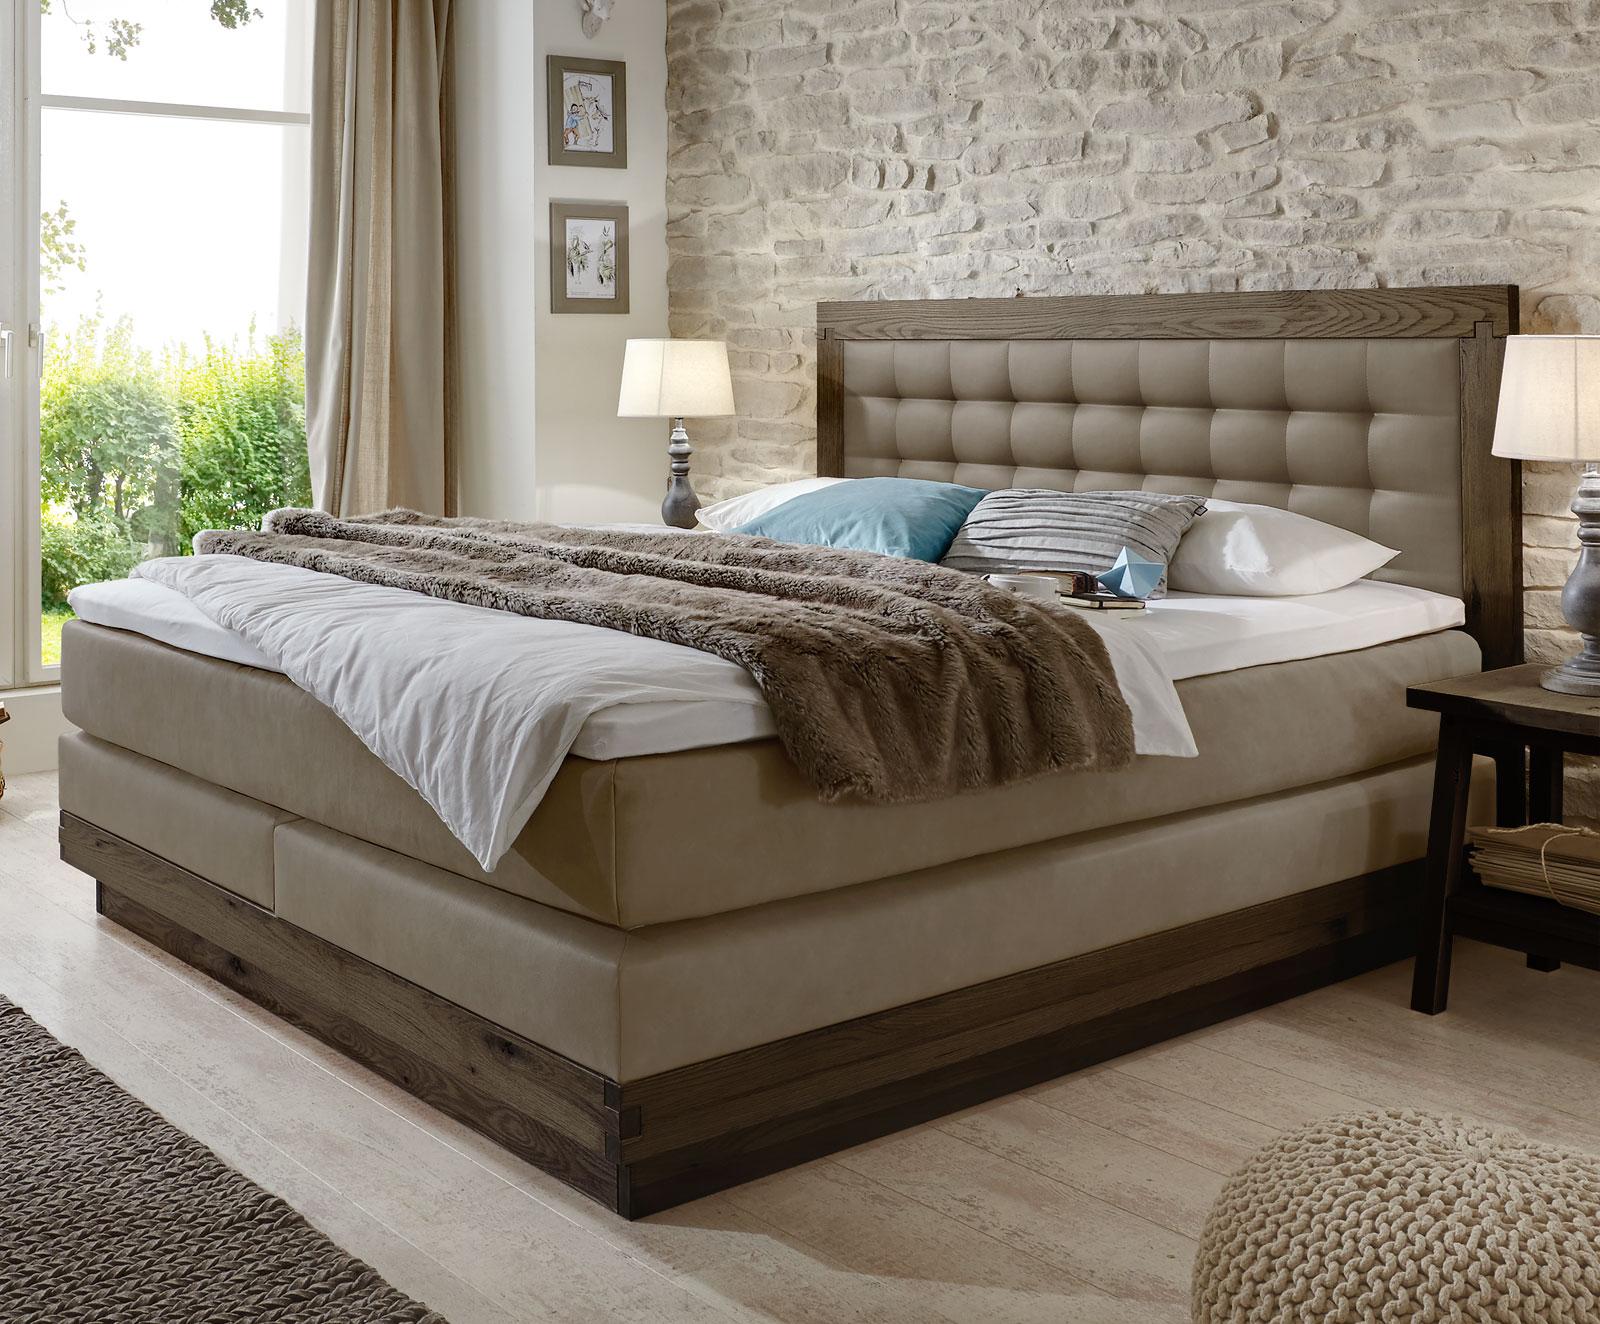 Full Size of Boxspringbett Aus Massiver Wildeiche Kunstleder Galicia Bett Betten.de